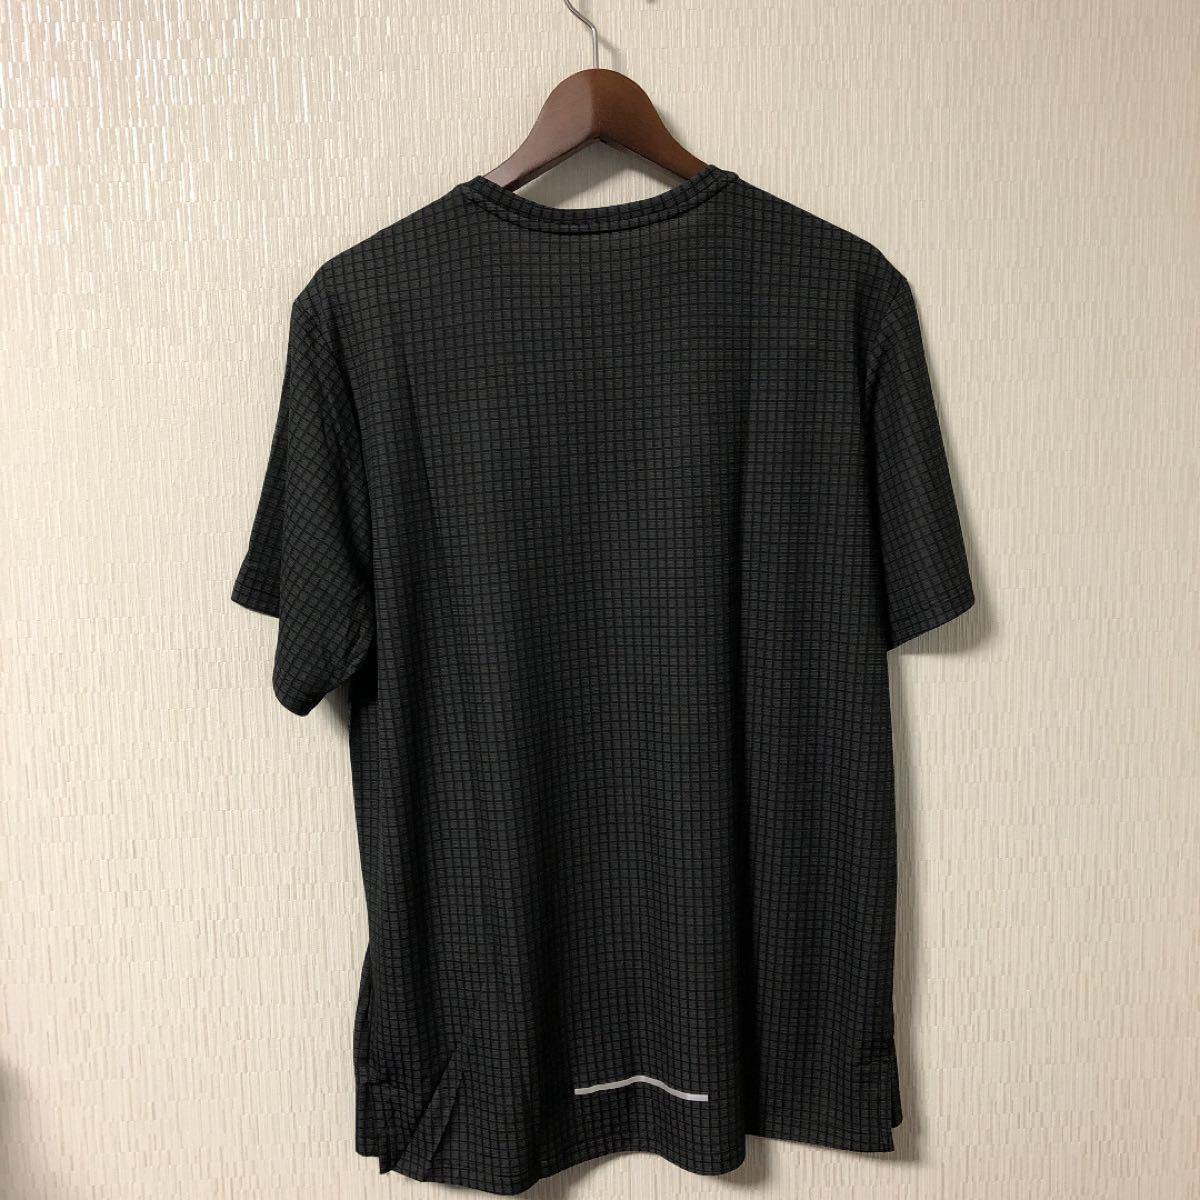 NIKE ナイキ XLサイズ ドライフィット Tシャツ ランニング用